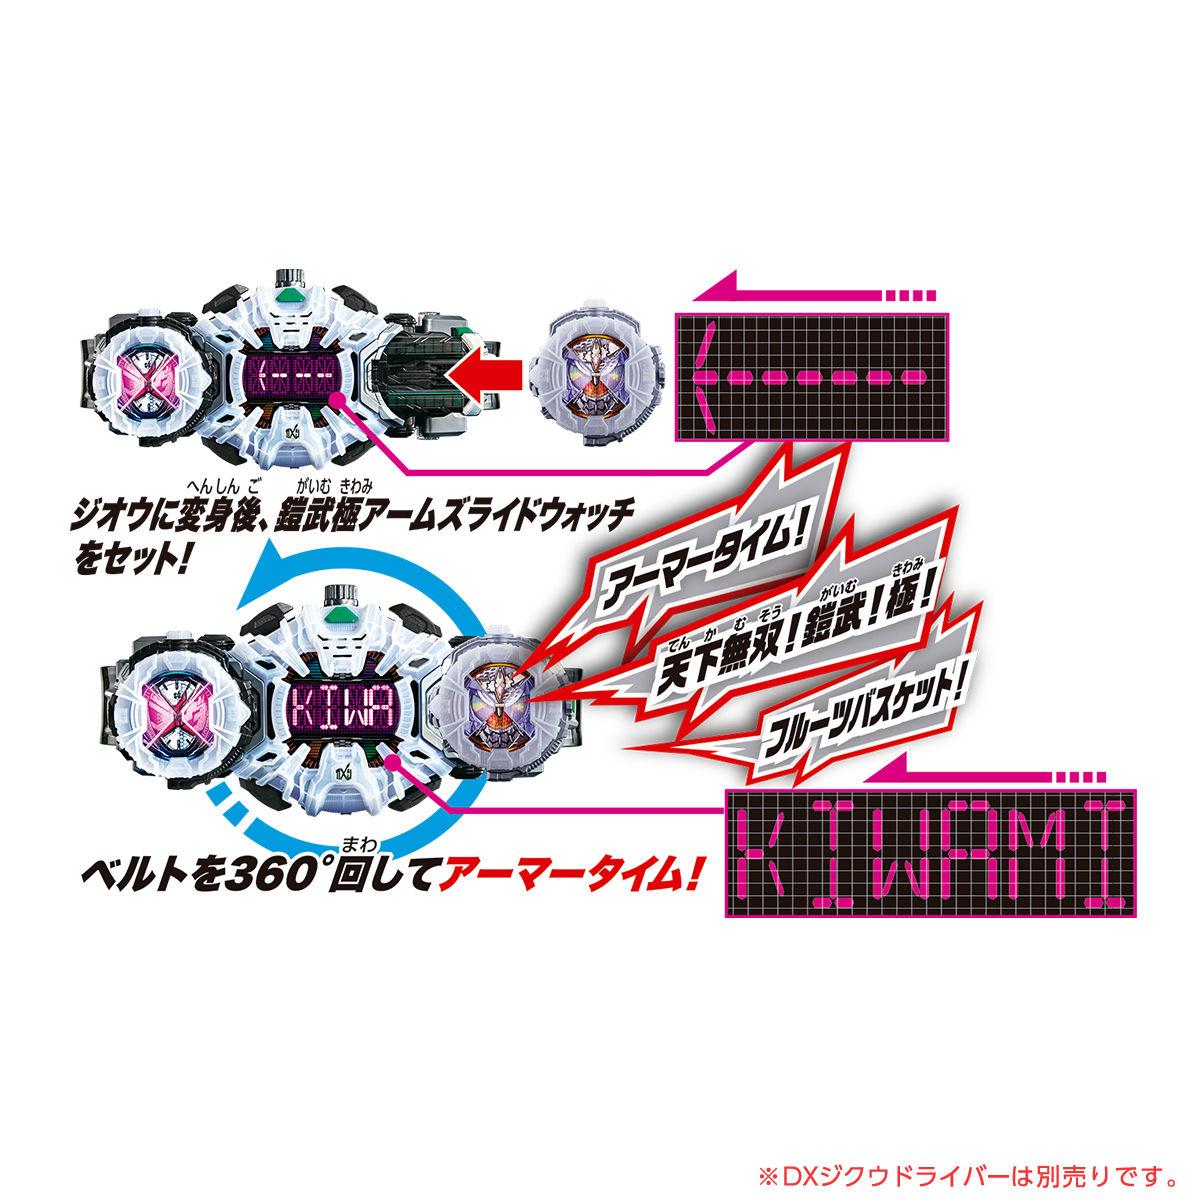 仮面ライダージオウ『DX鎧武極アームズライドウォッチ』変身なりきり-006